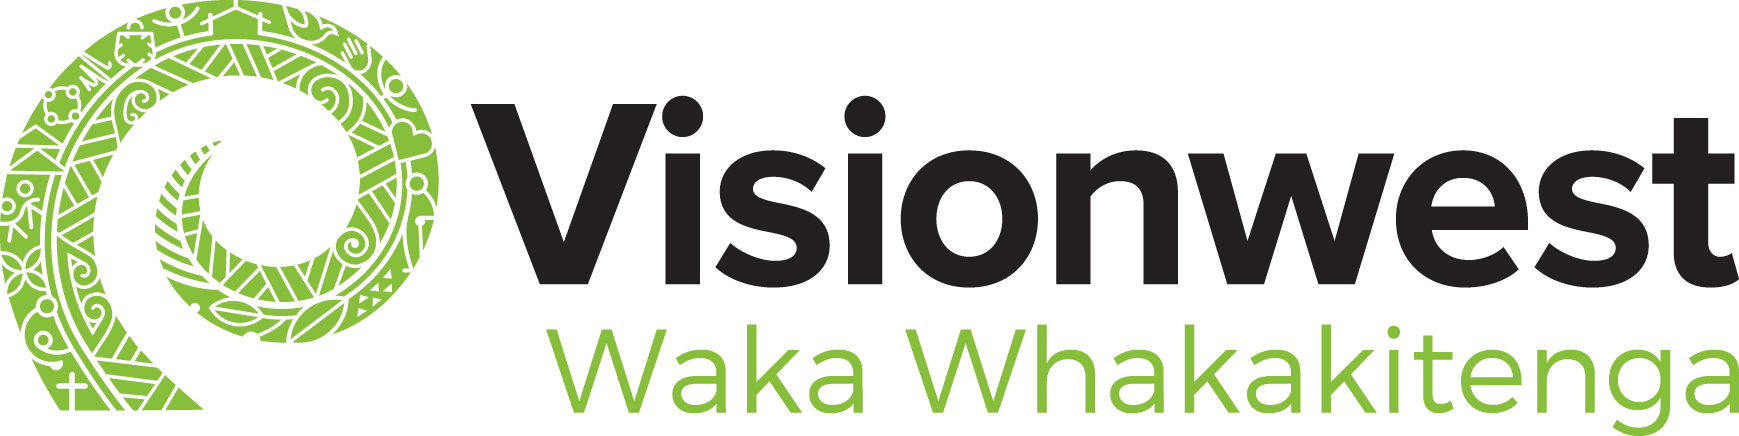 https://www.visionwest.org.nz/